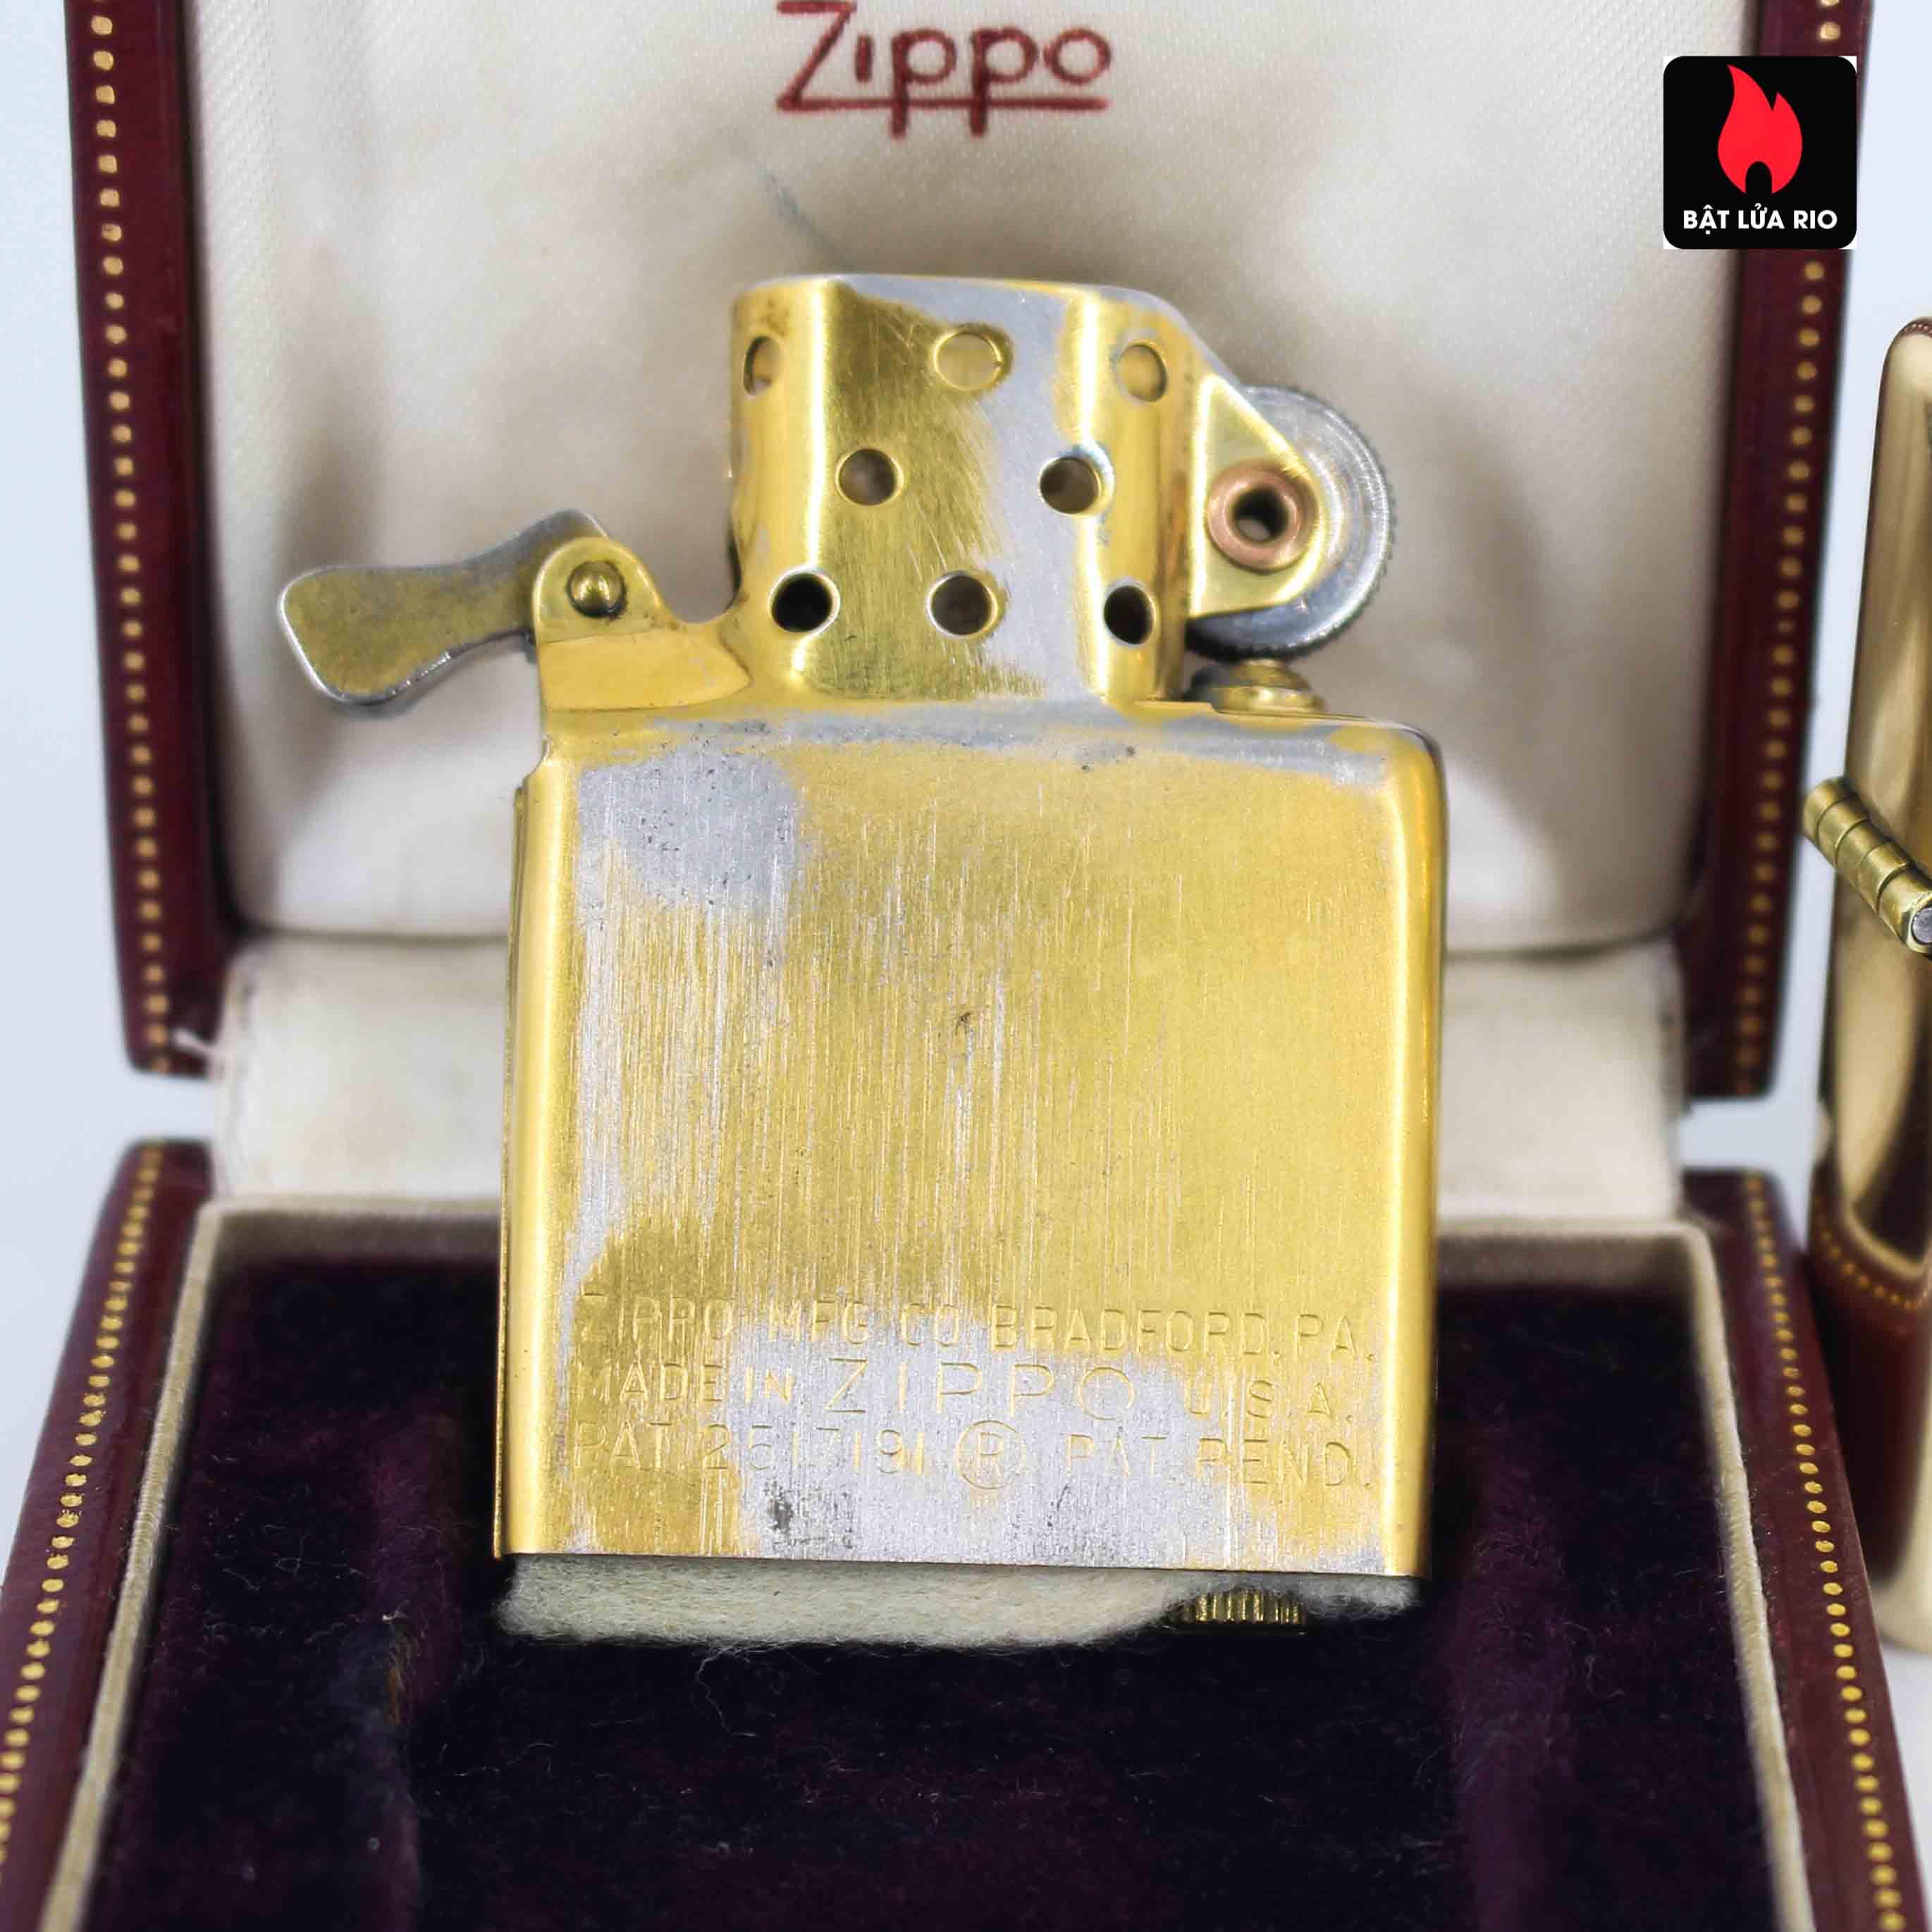 Hiếm - Zippo 1950s - Solid Gold 14k - Vàng Nguyên Khối 14k 9